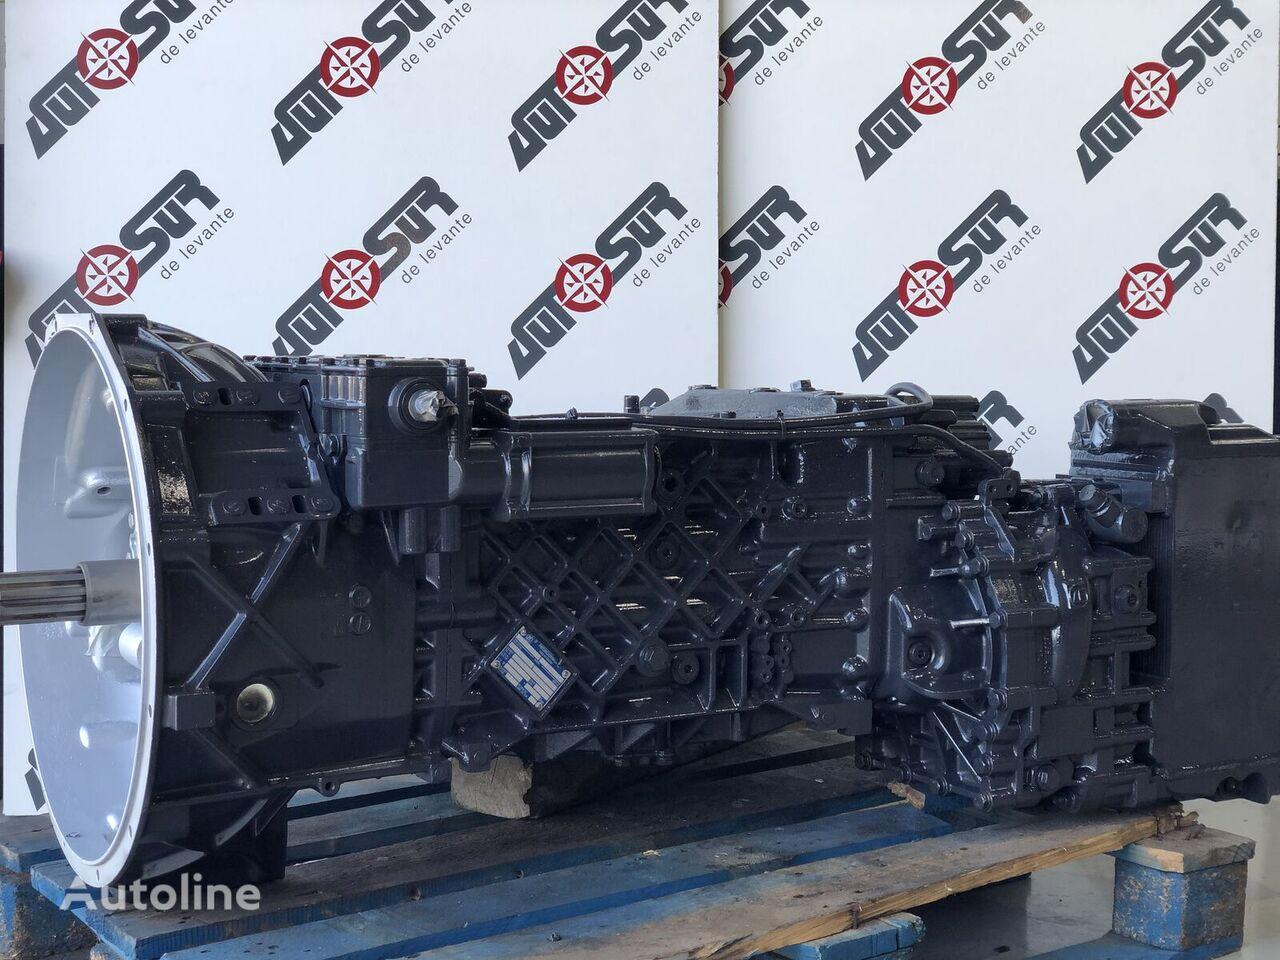 КПП ZF 16 S 251 IT (81.32003-6301) для грузовика